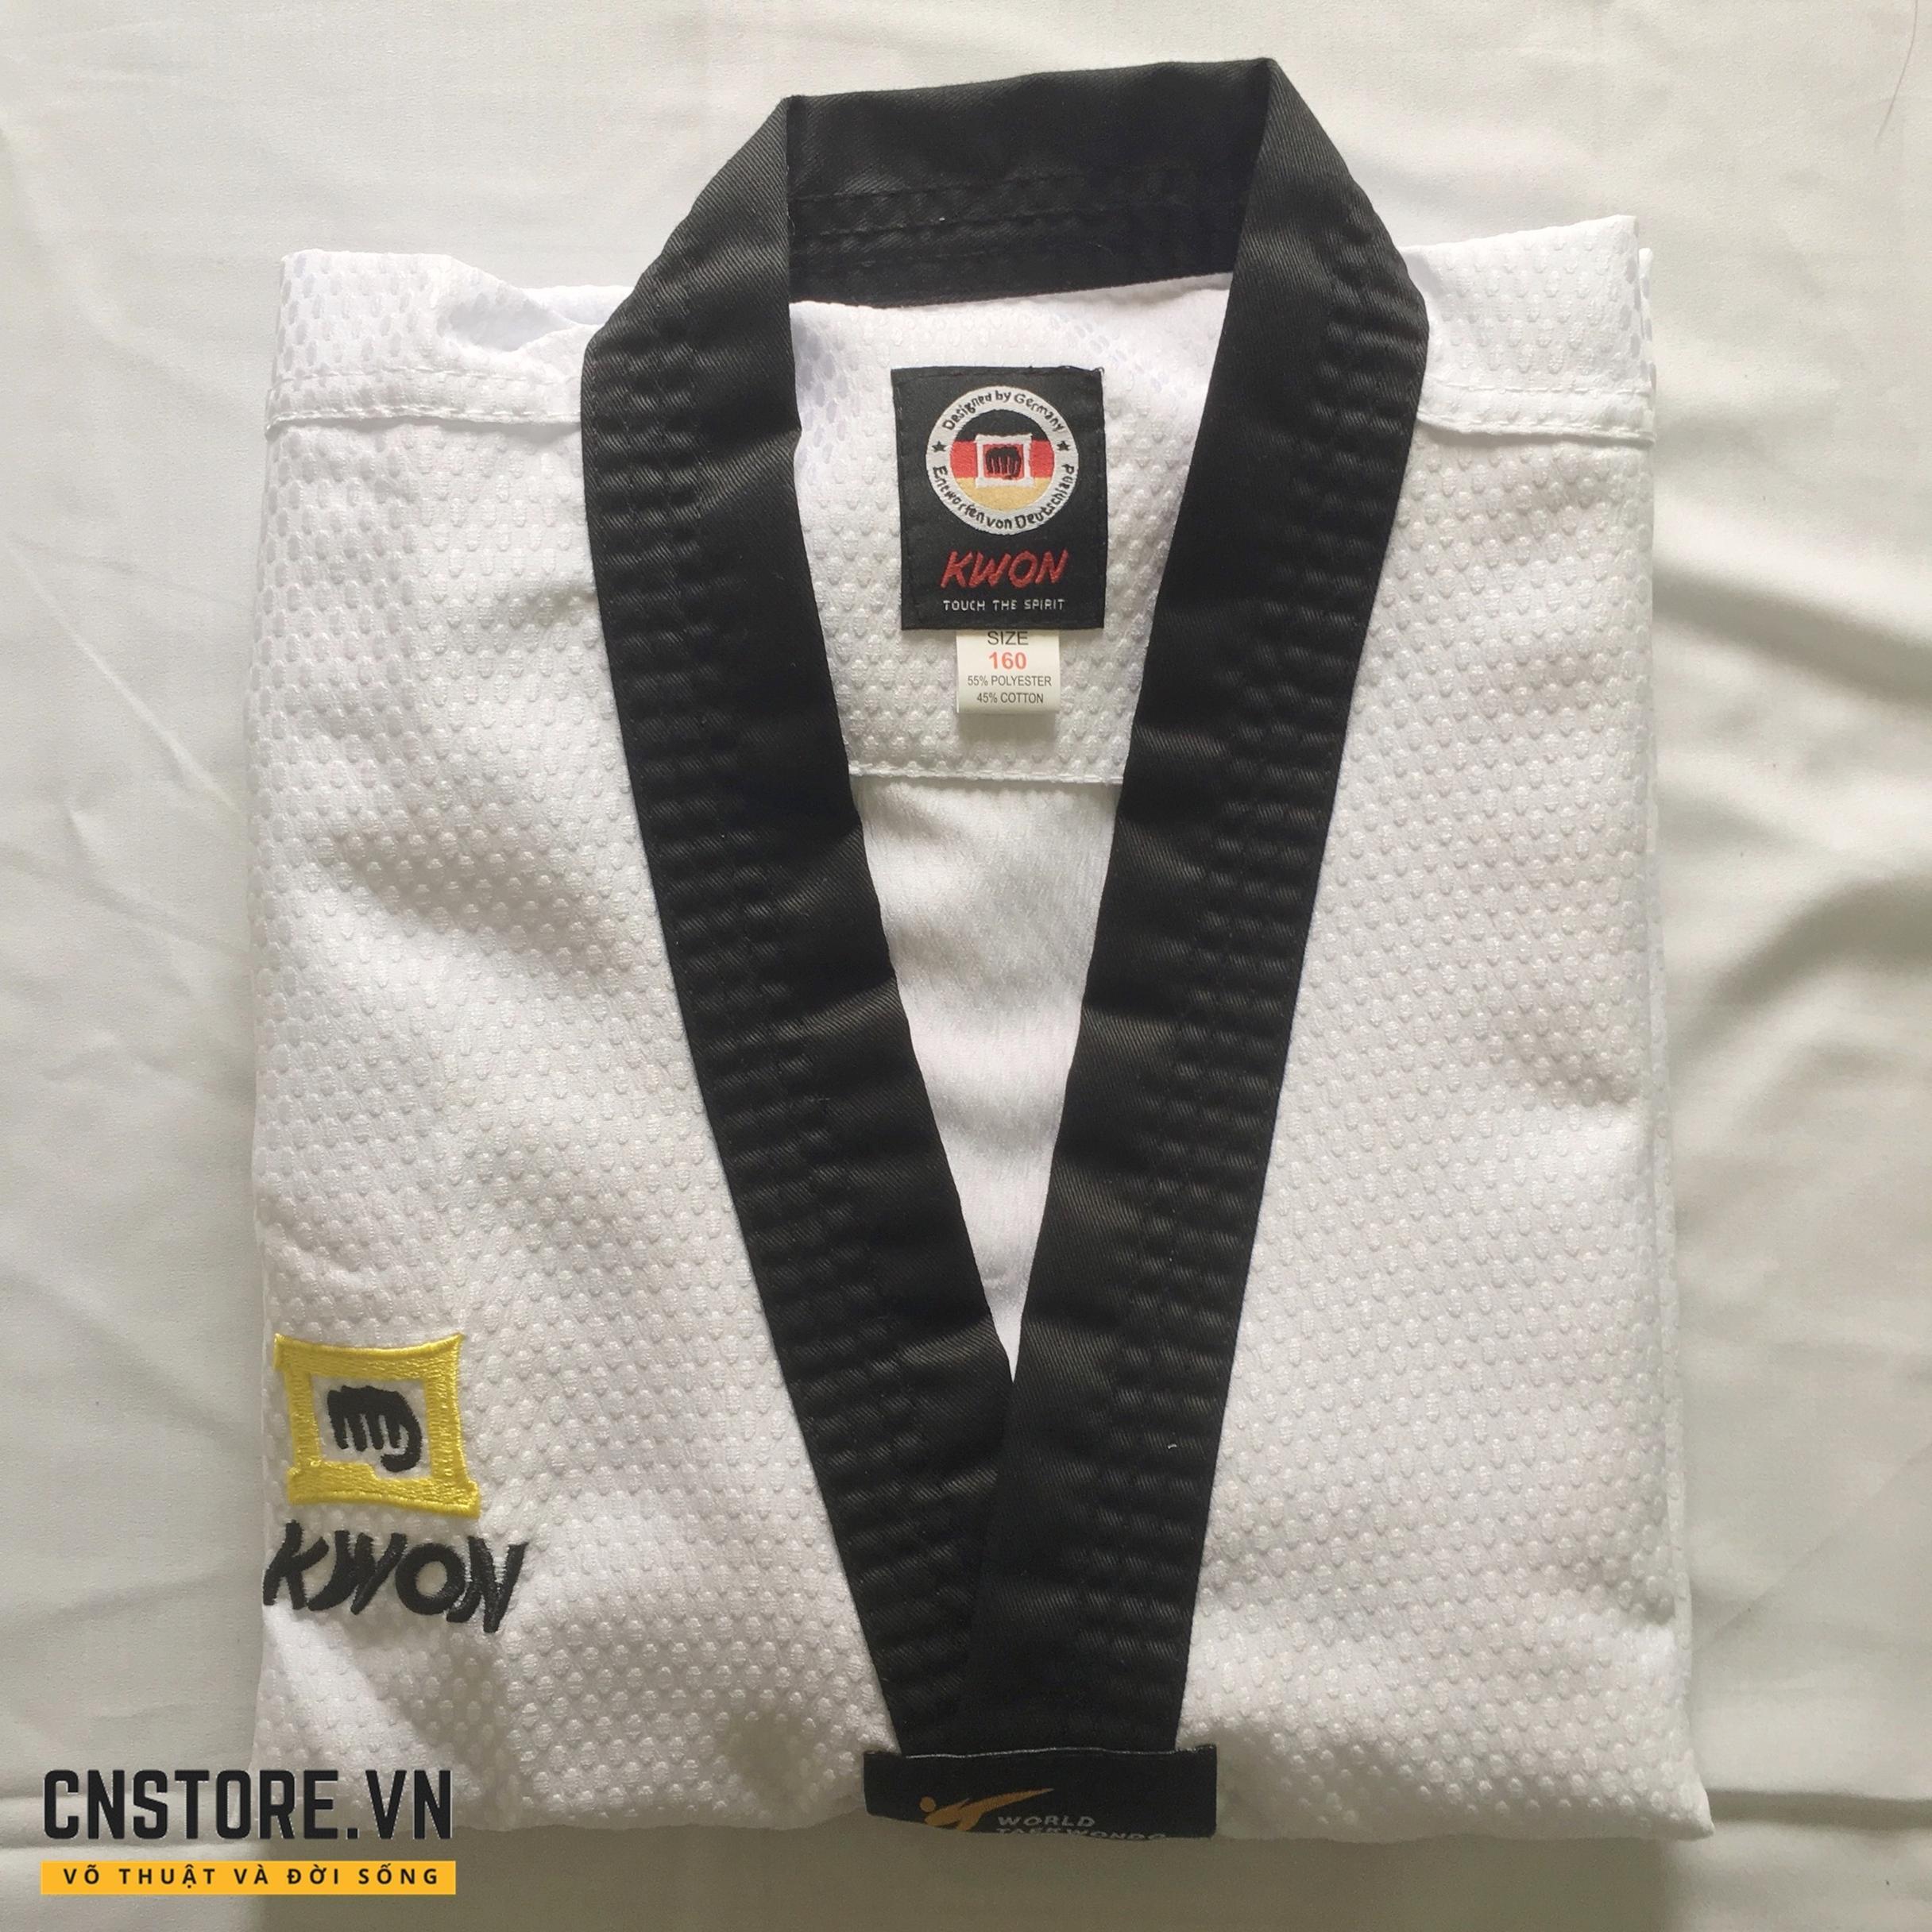 Mã Ưu Đãi Khi Mua Quần Áo Võ - Võ Phục Taekwondo Cổ Đen Kwon Vải Kim Cương